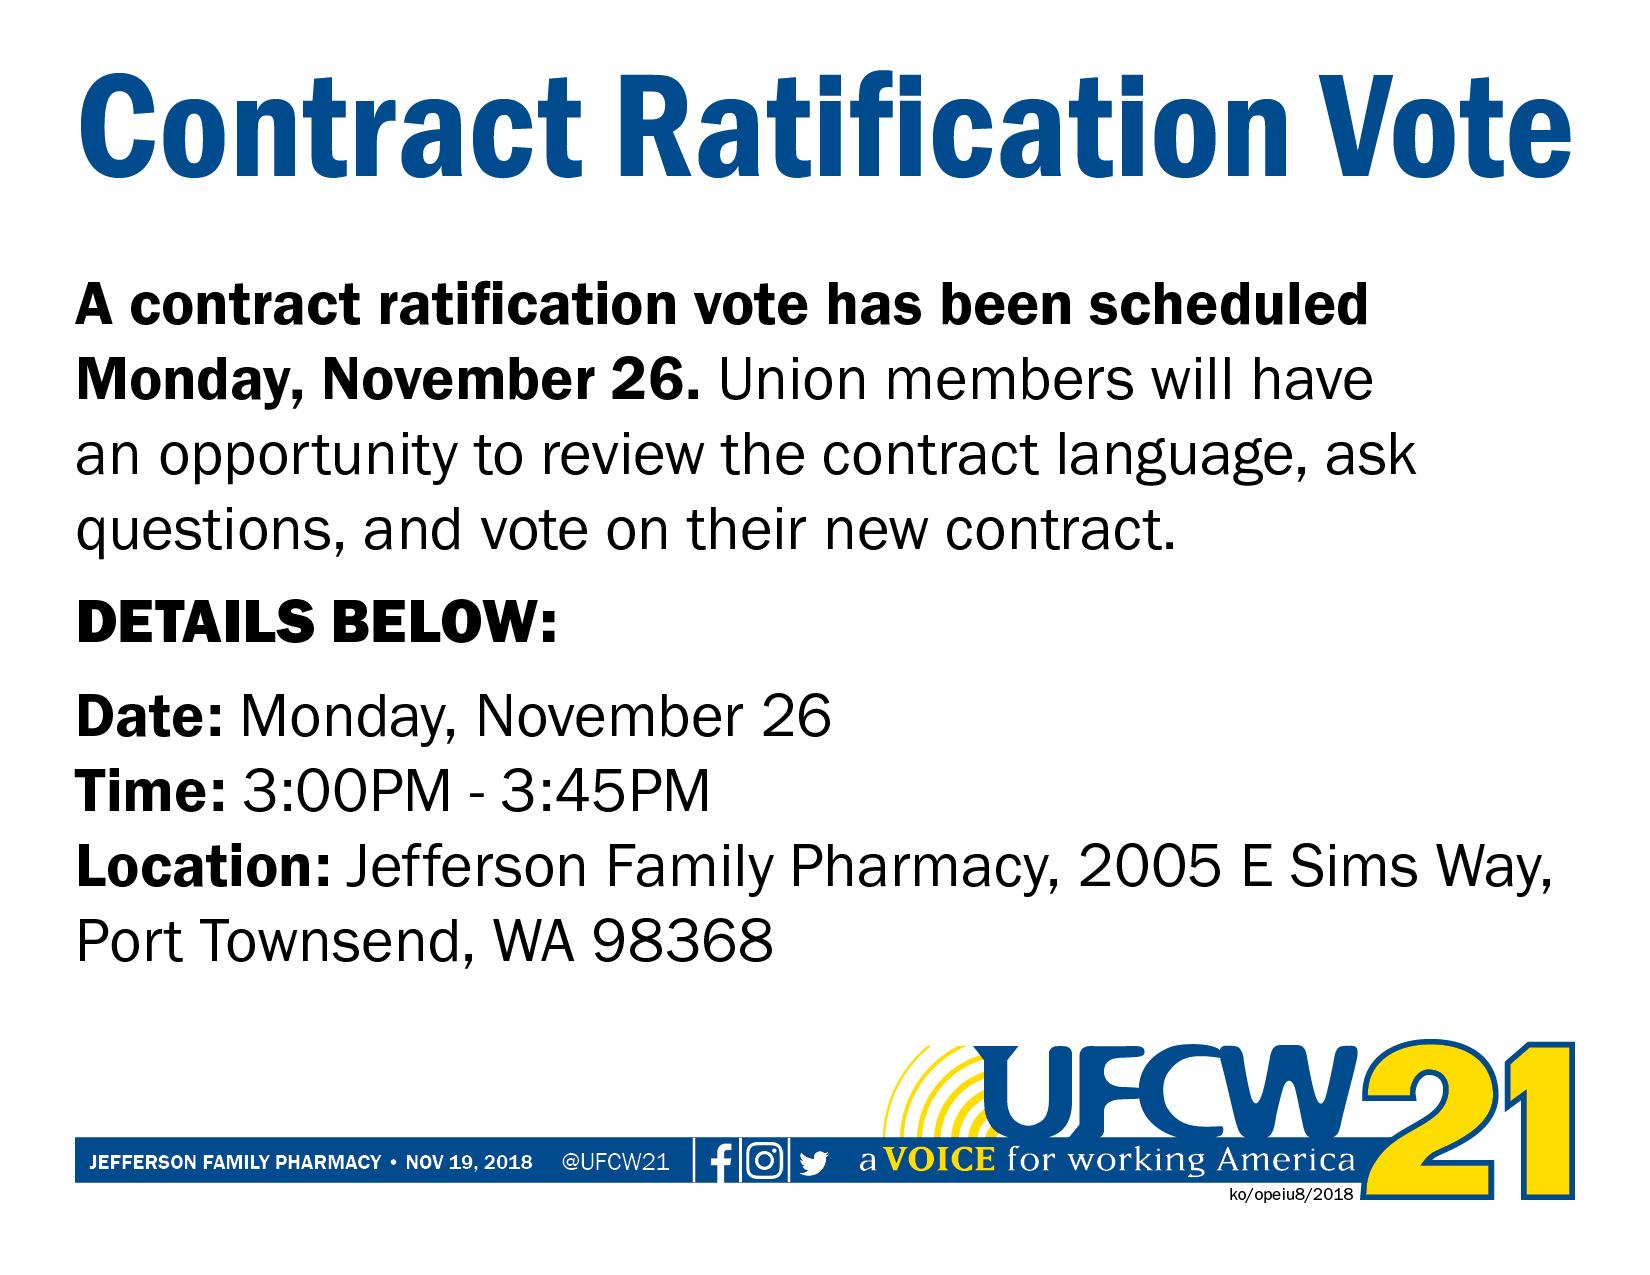 2018 1119 - Jefferson Family Pharmacy Contract Vote.jpg